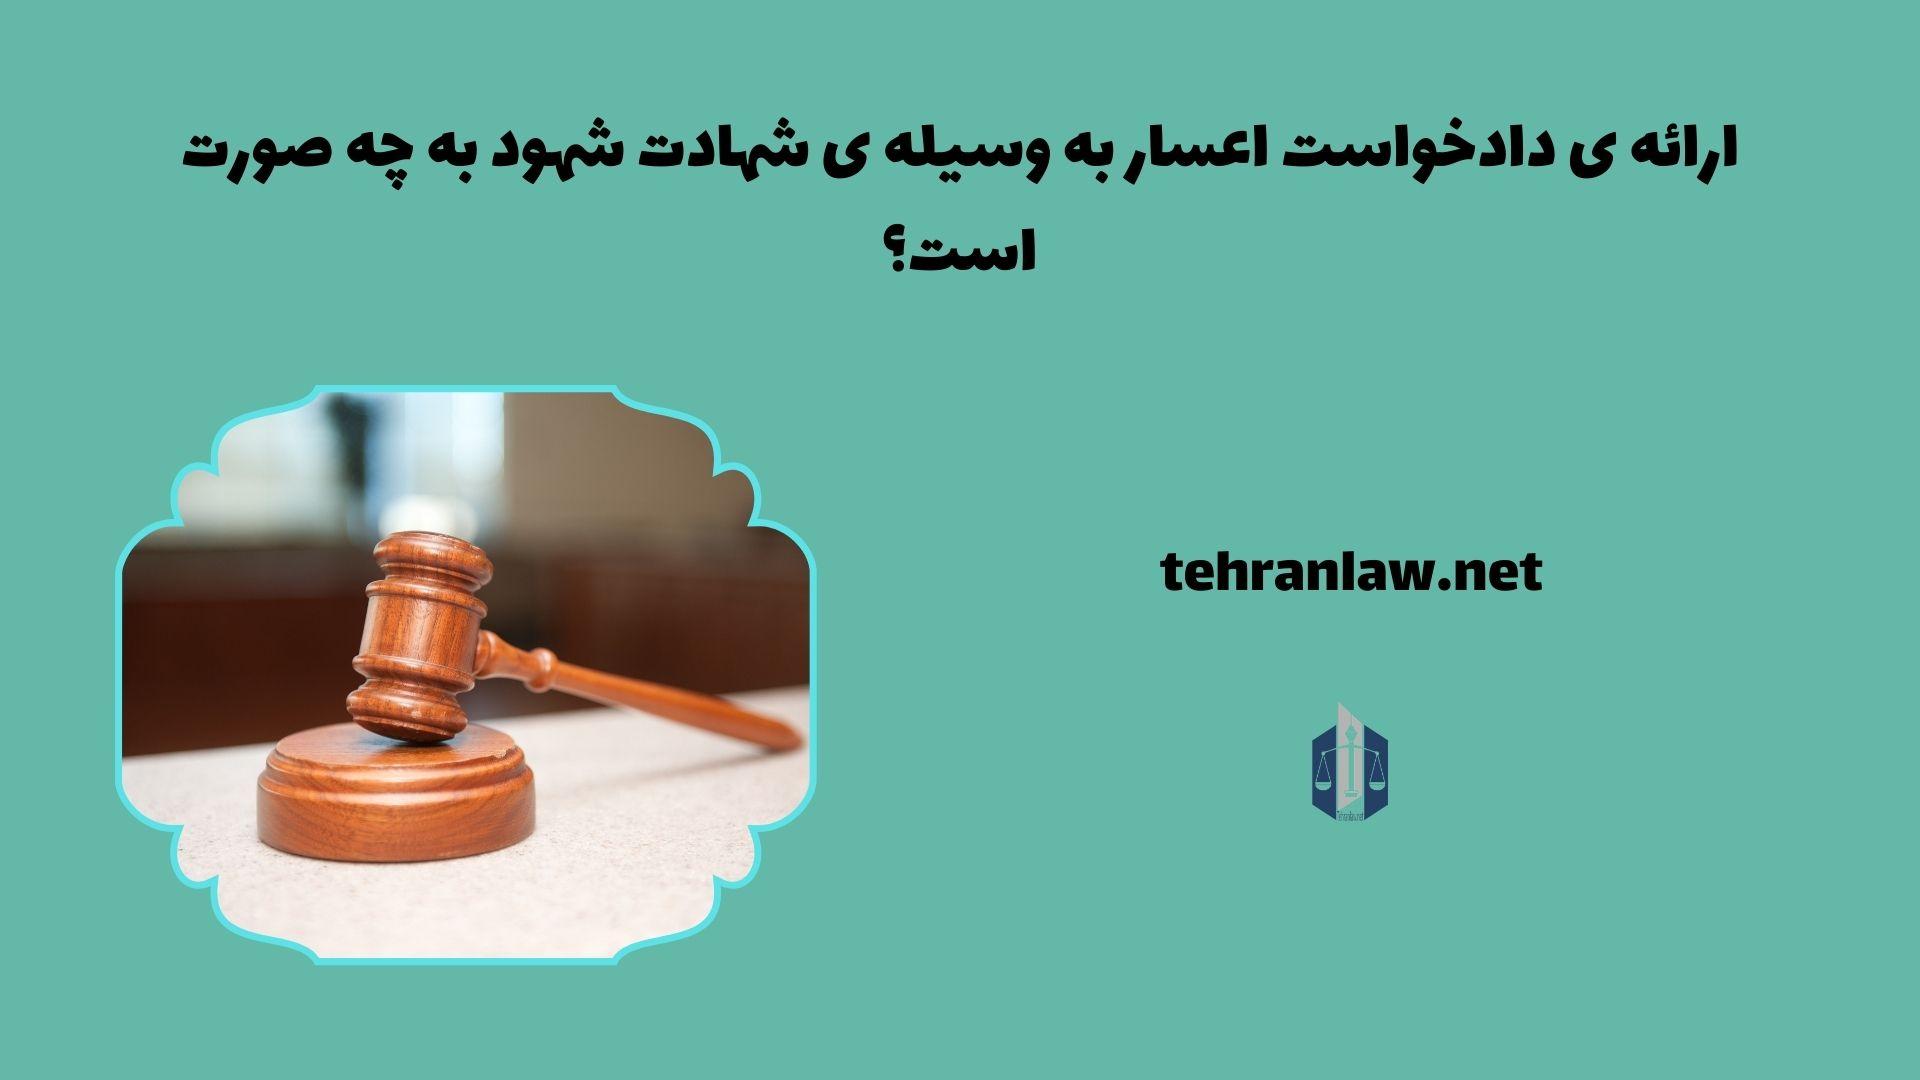 ارائه ی دادخواست اعسار به وسیله ی شهادت شهود به چه صورت است؟